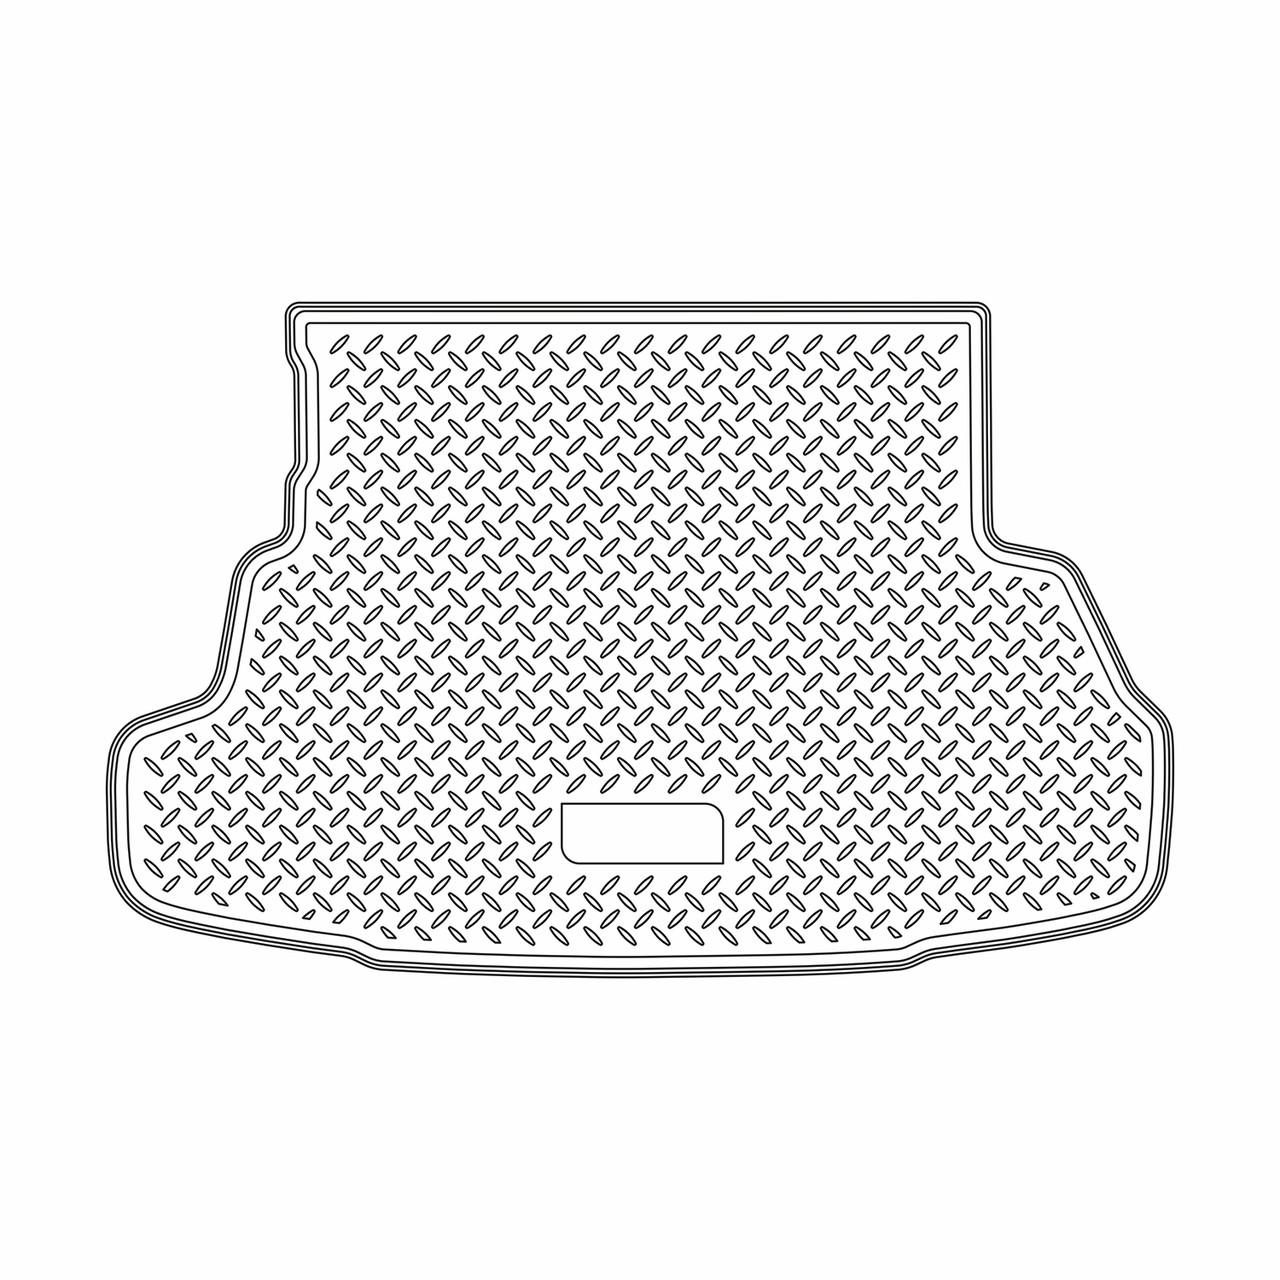 Коврик в багажник Haima 3 HB (2010)